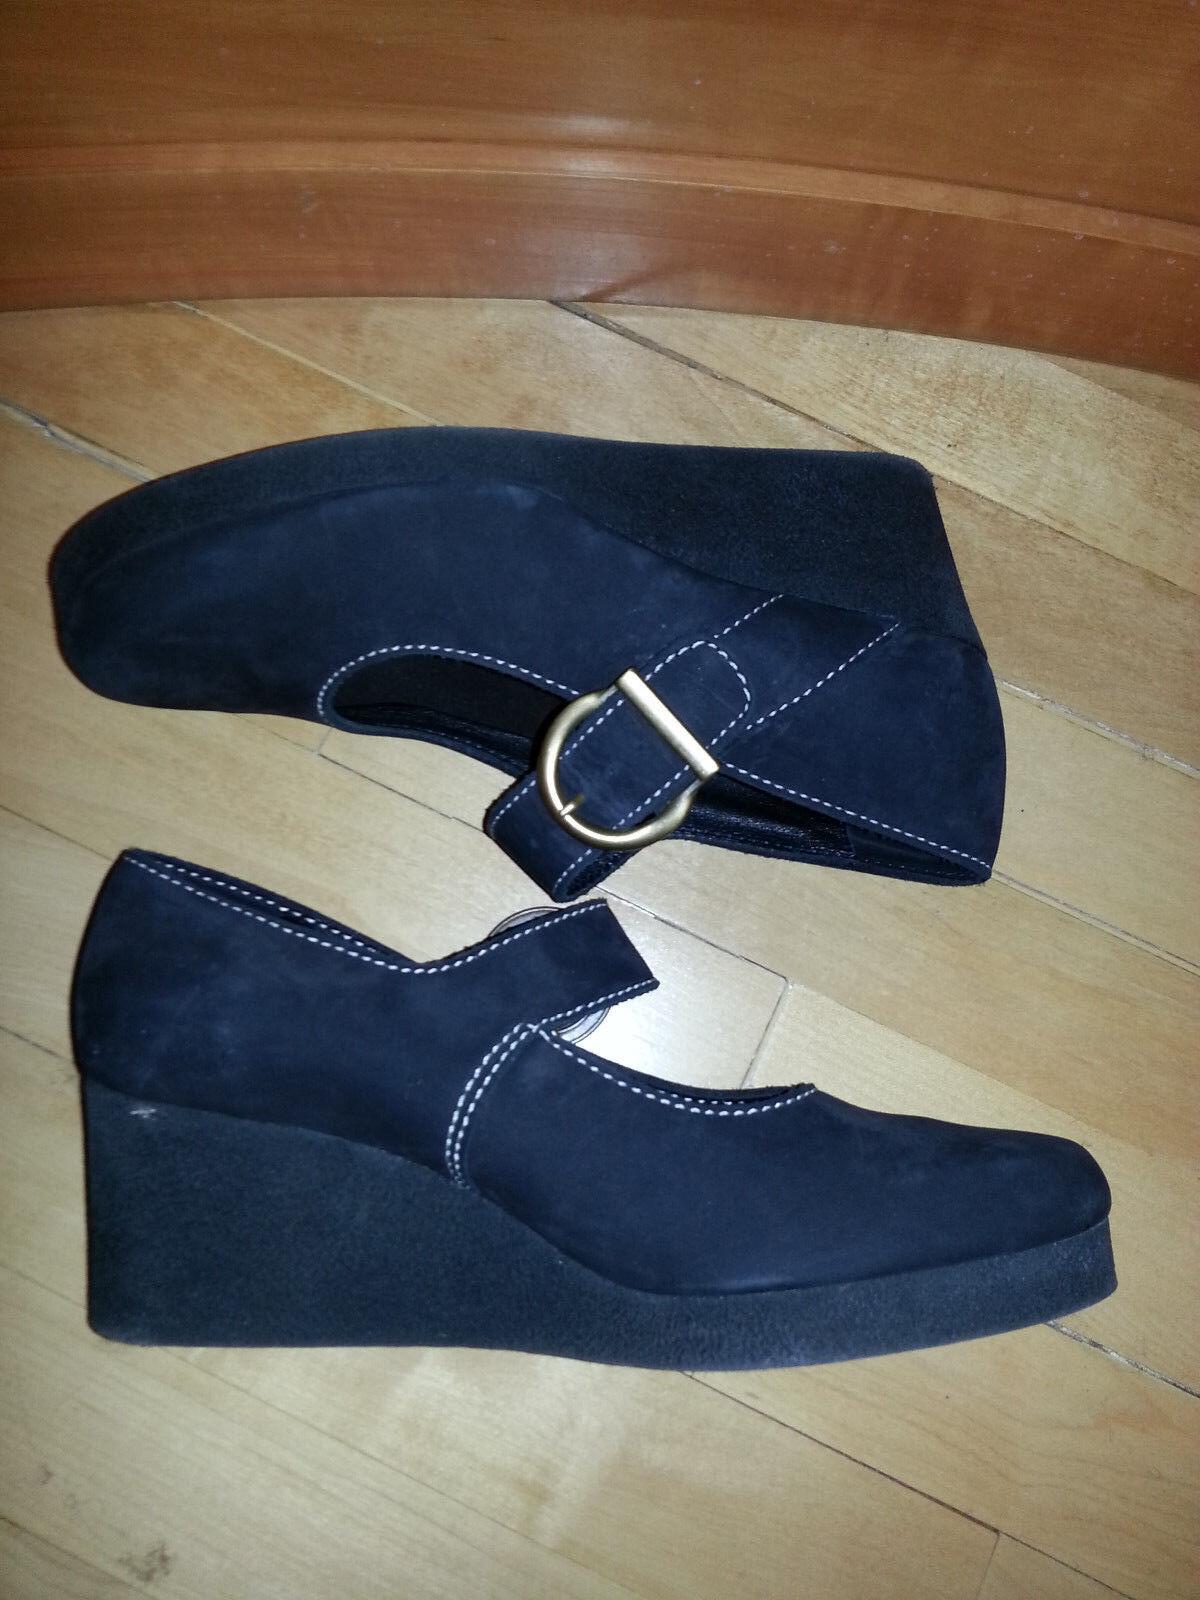 sconto online di vendita New  ARCHE LN LN LN nero Nubuck scarpe with Chunky Wedge and Buckle Strap, 41  autorizzazione